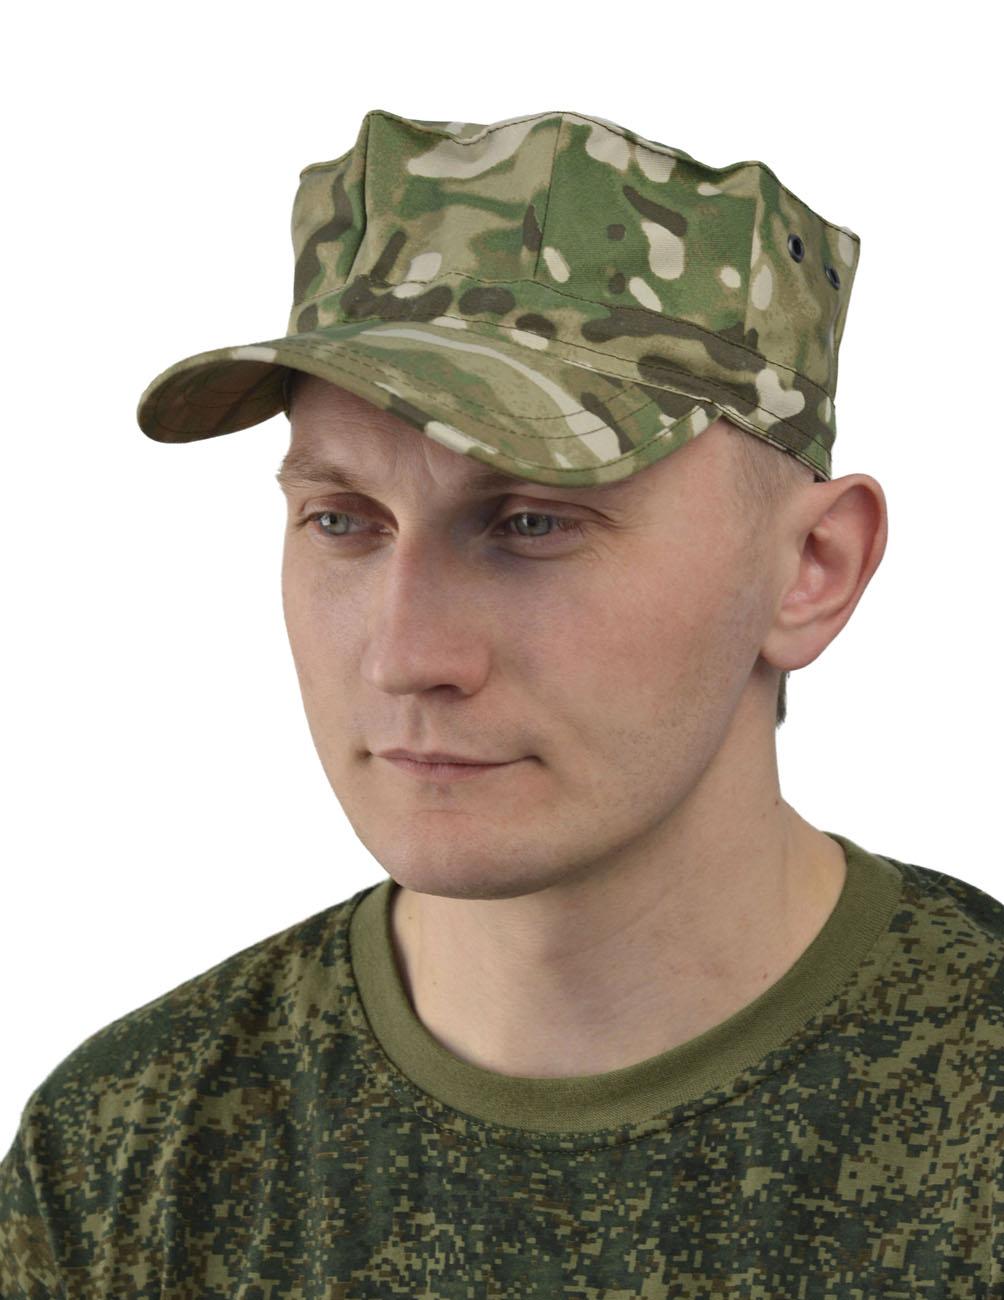 Кепка Gerkon Commando мультикам (Неизвестная Кепки<br><br><br>Пол: мужской<br>Сезон: лето<br>Материал: Смесовая (50% хлопок, 50% полиэфир), пл. 210 г/м2,